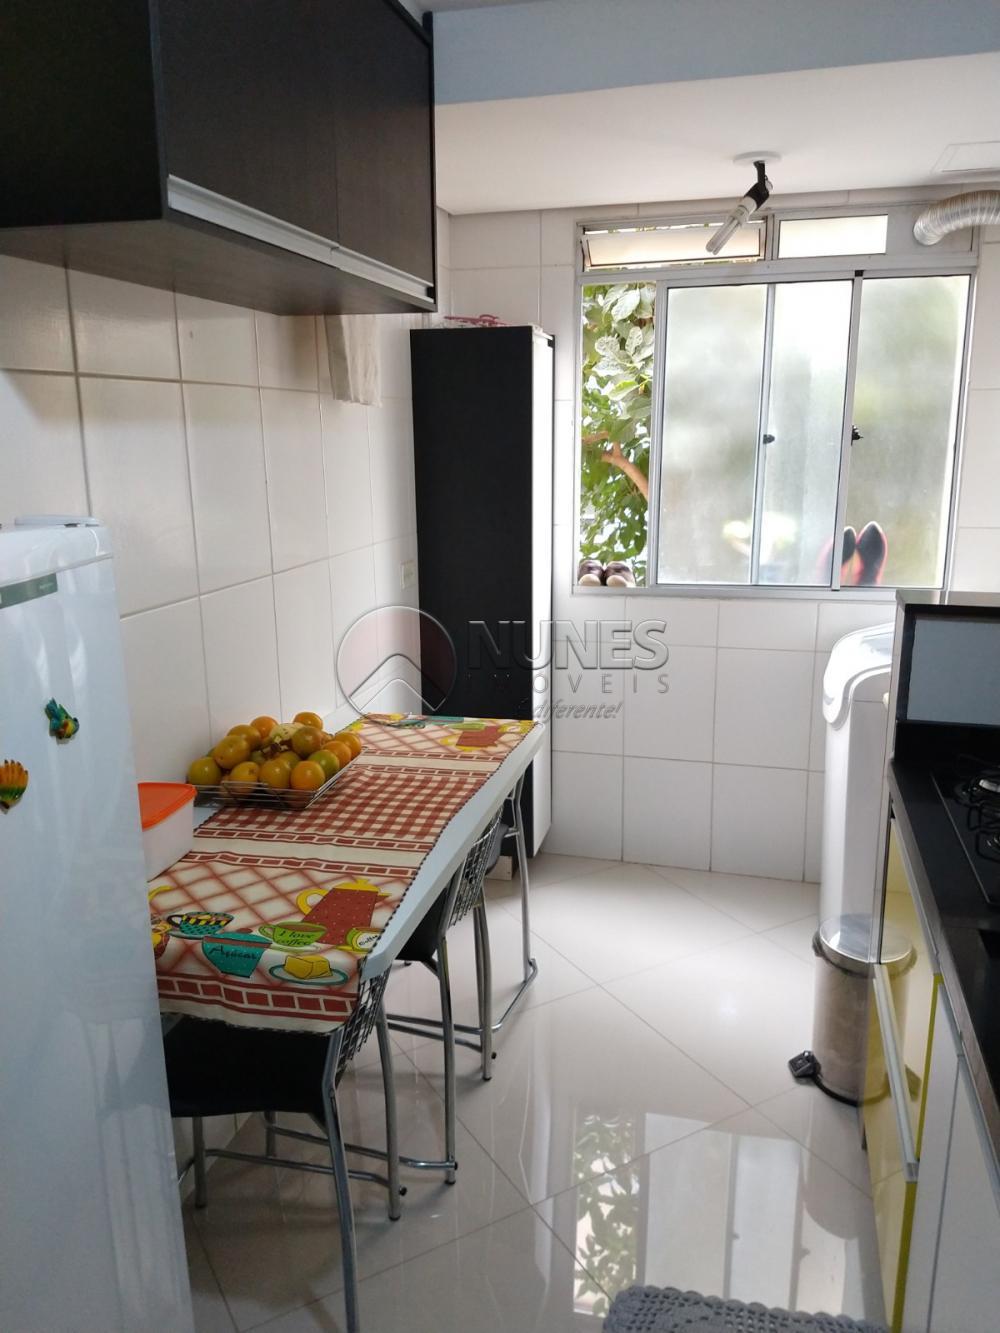 Comprar Apartamento / Padrão em Osasco apenas R$ 190.000,00 - Foto 6